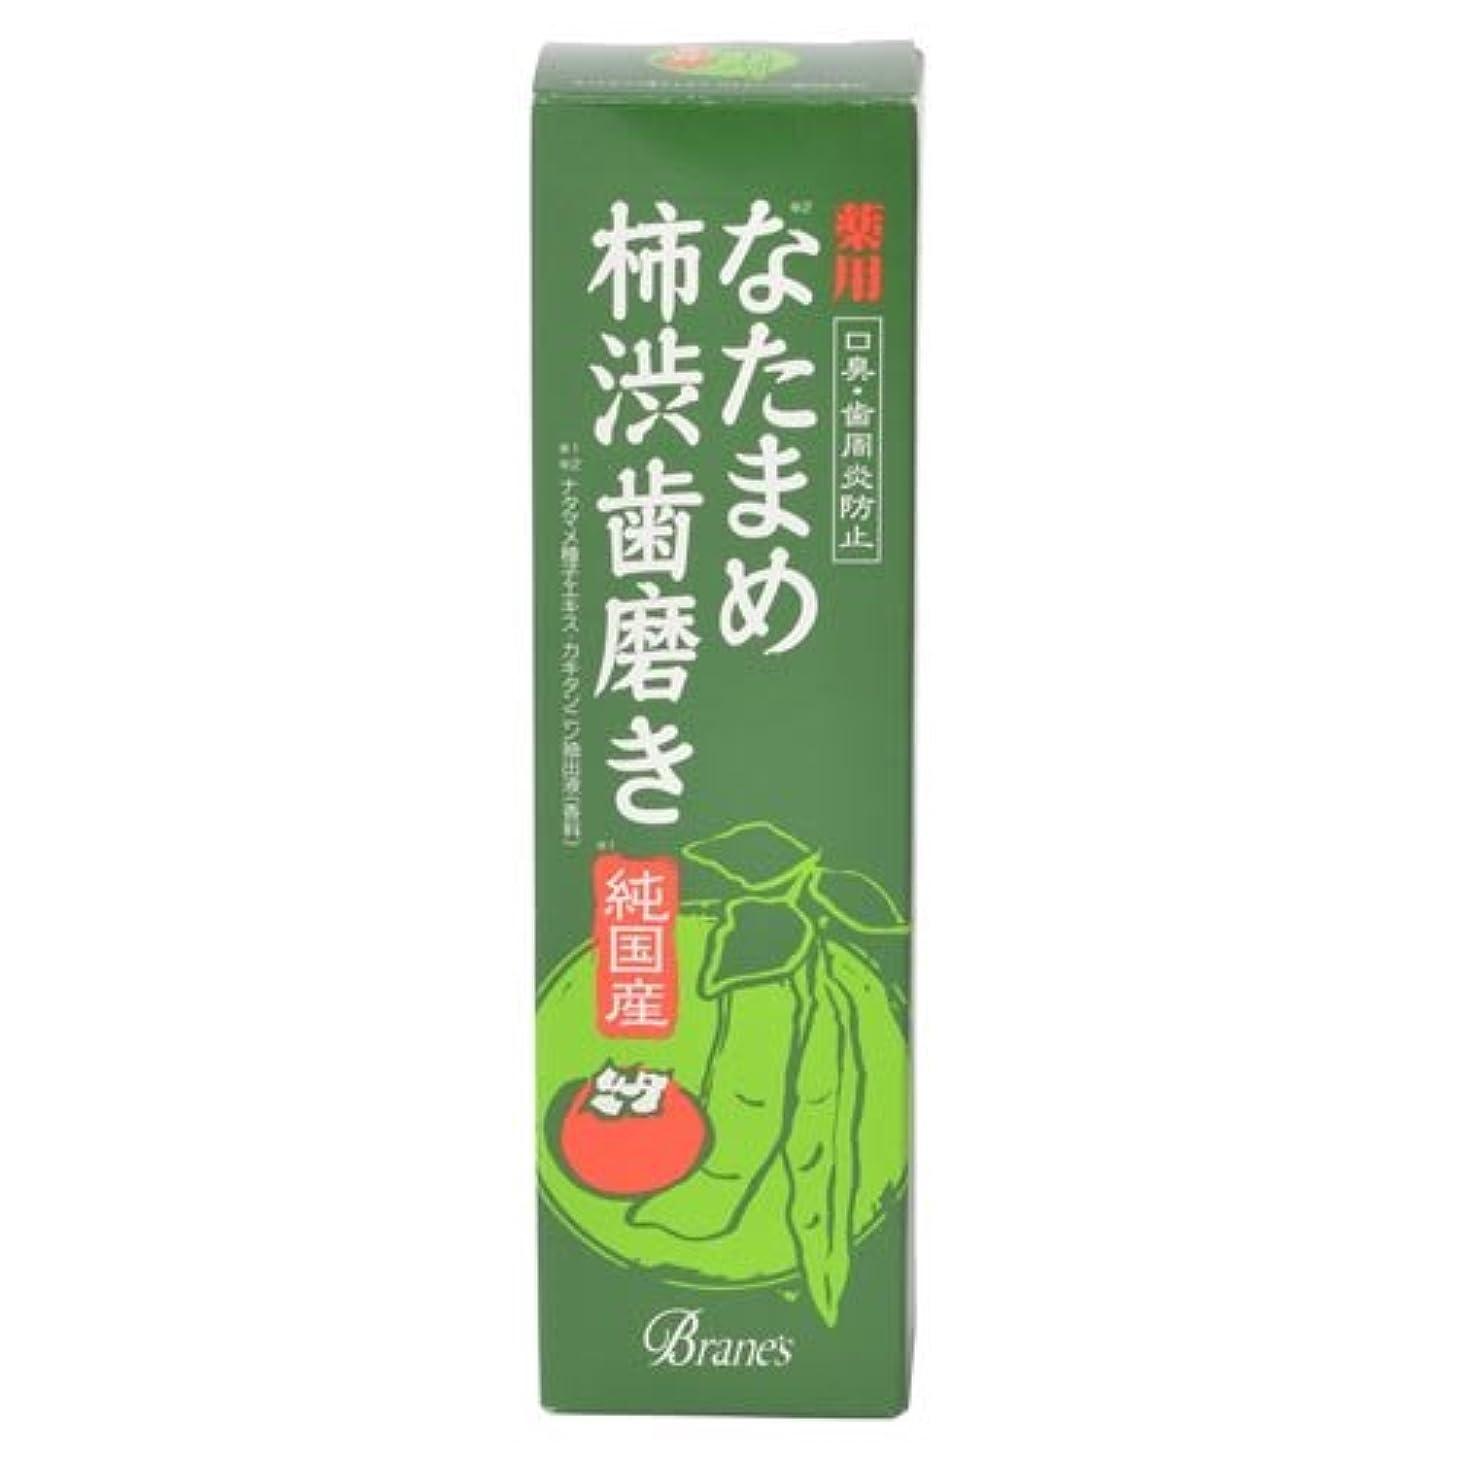 ライオン排泄する金銭的薬用なたまめ柿渋歯磨き 120g